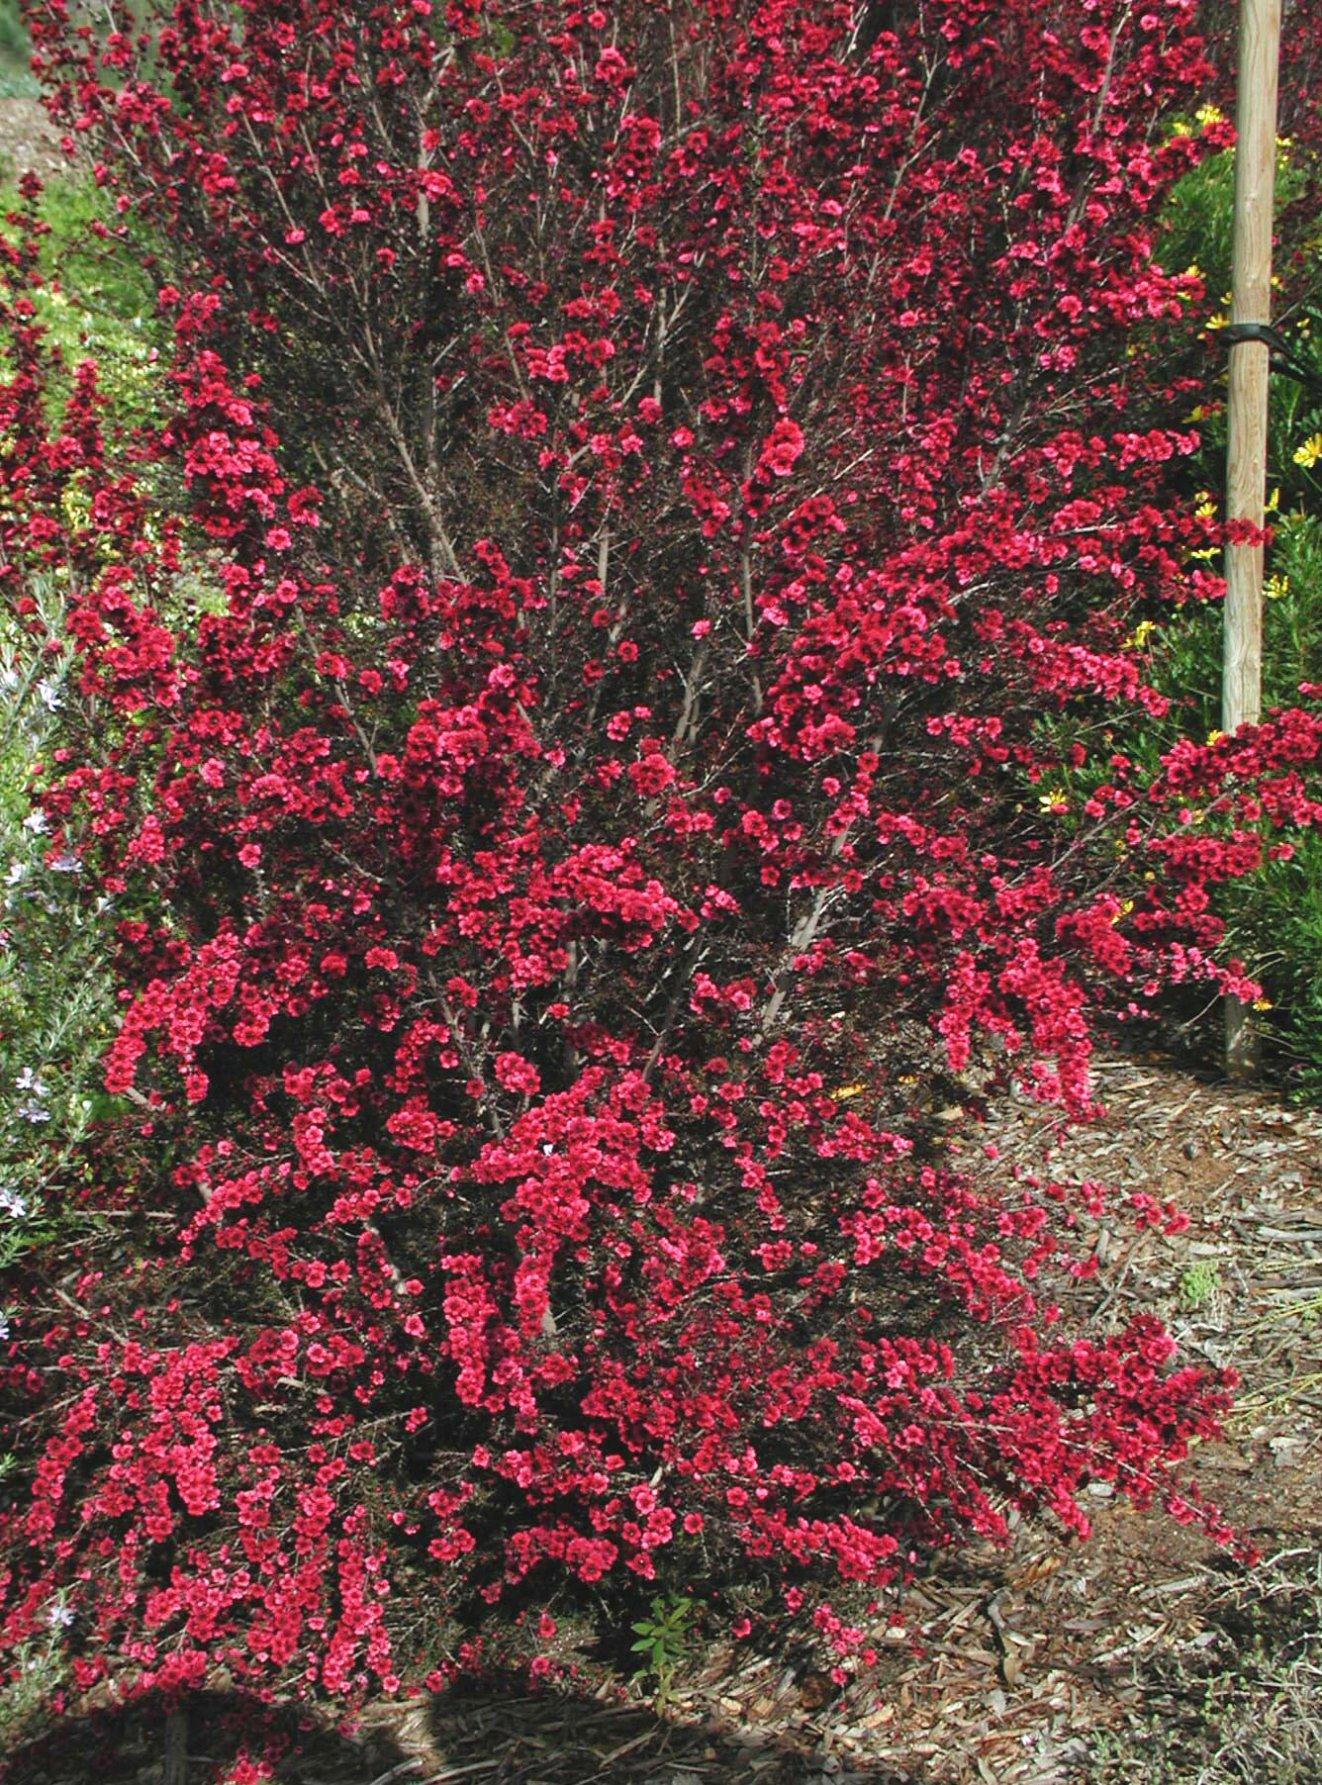 Garden Bush: Leptospermum Scoparium 'Ruby Glow